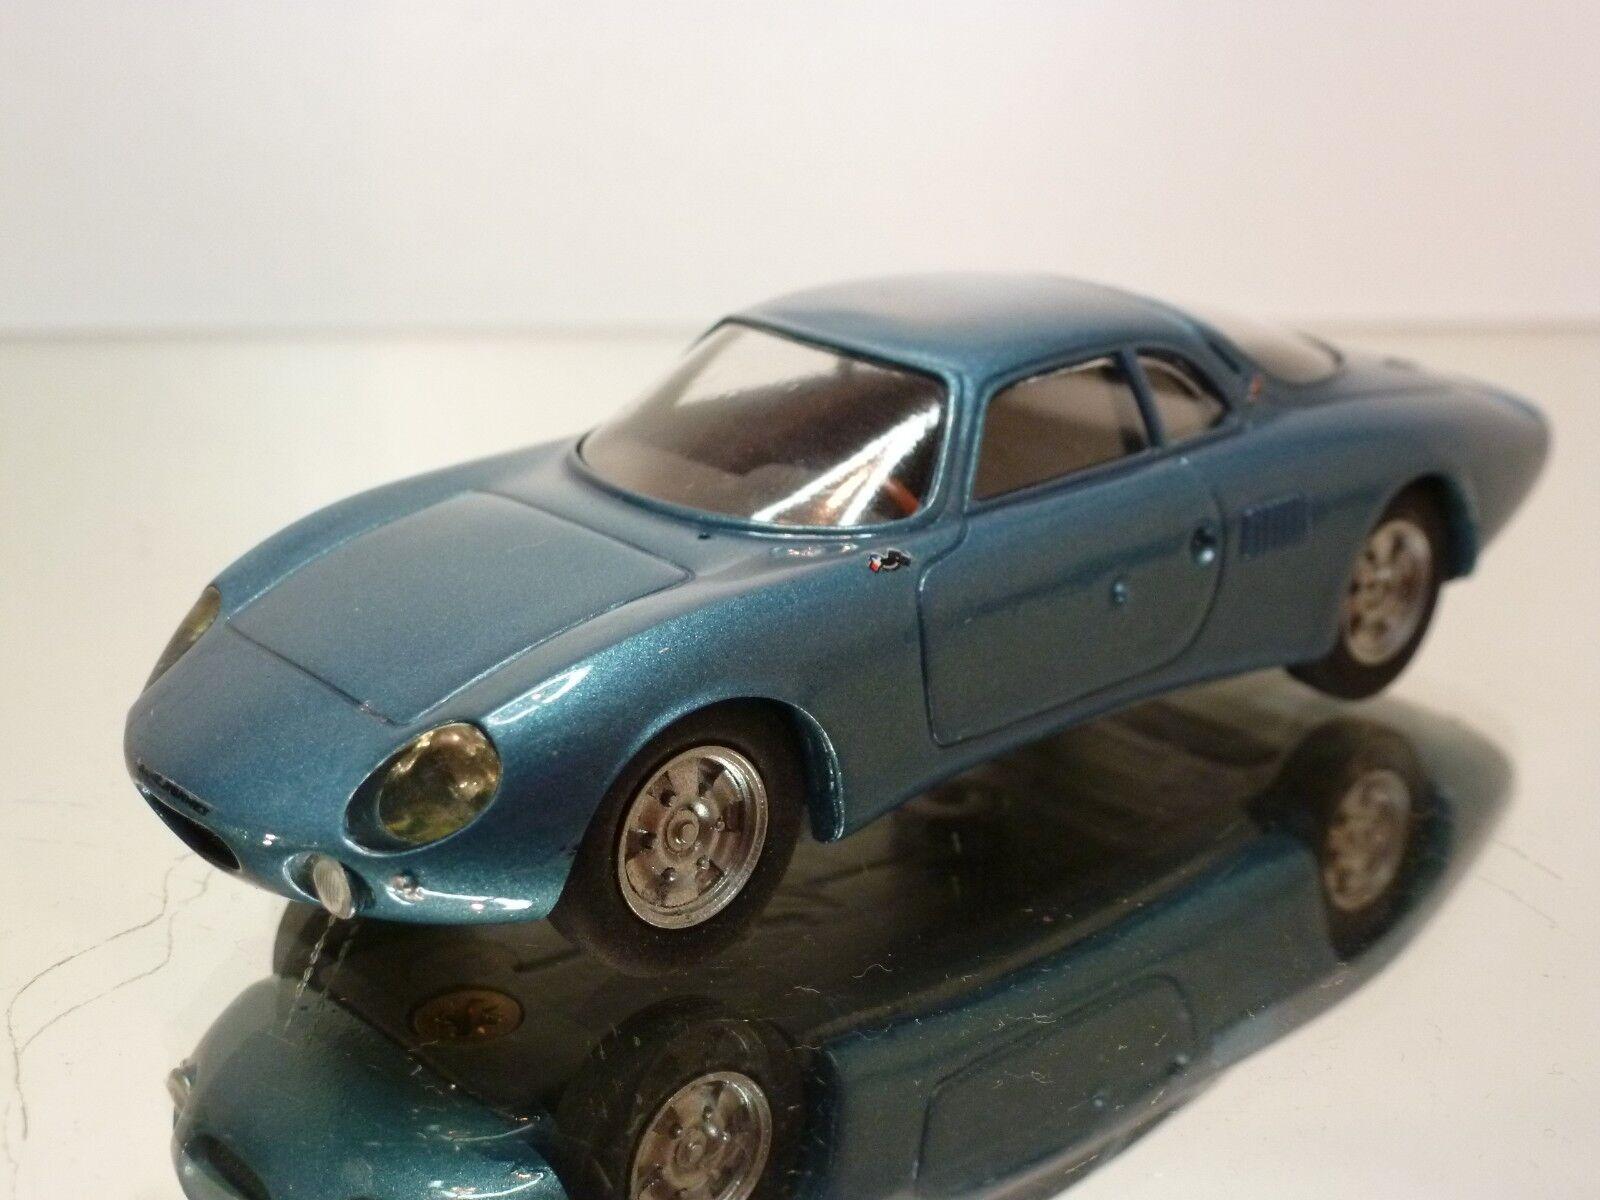 GTS RENE BONNET LE MANS 1963 - blueE METALLIC 1 43 - EXCELLENT - 11